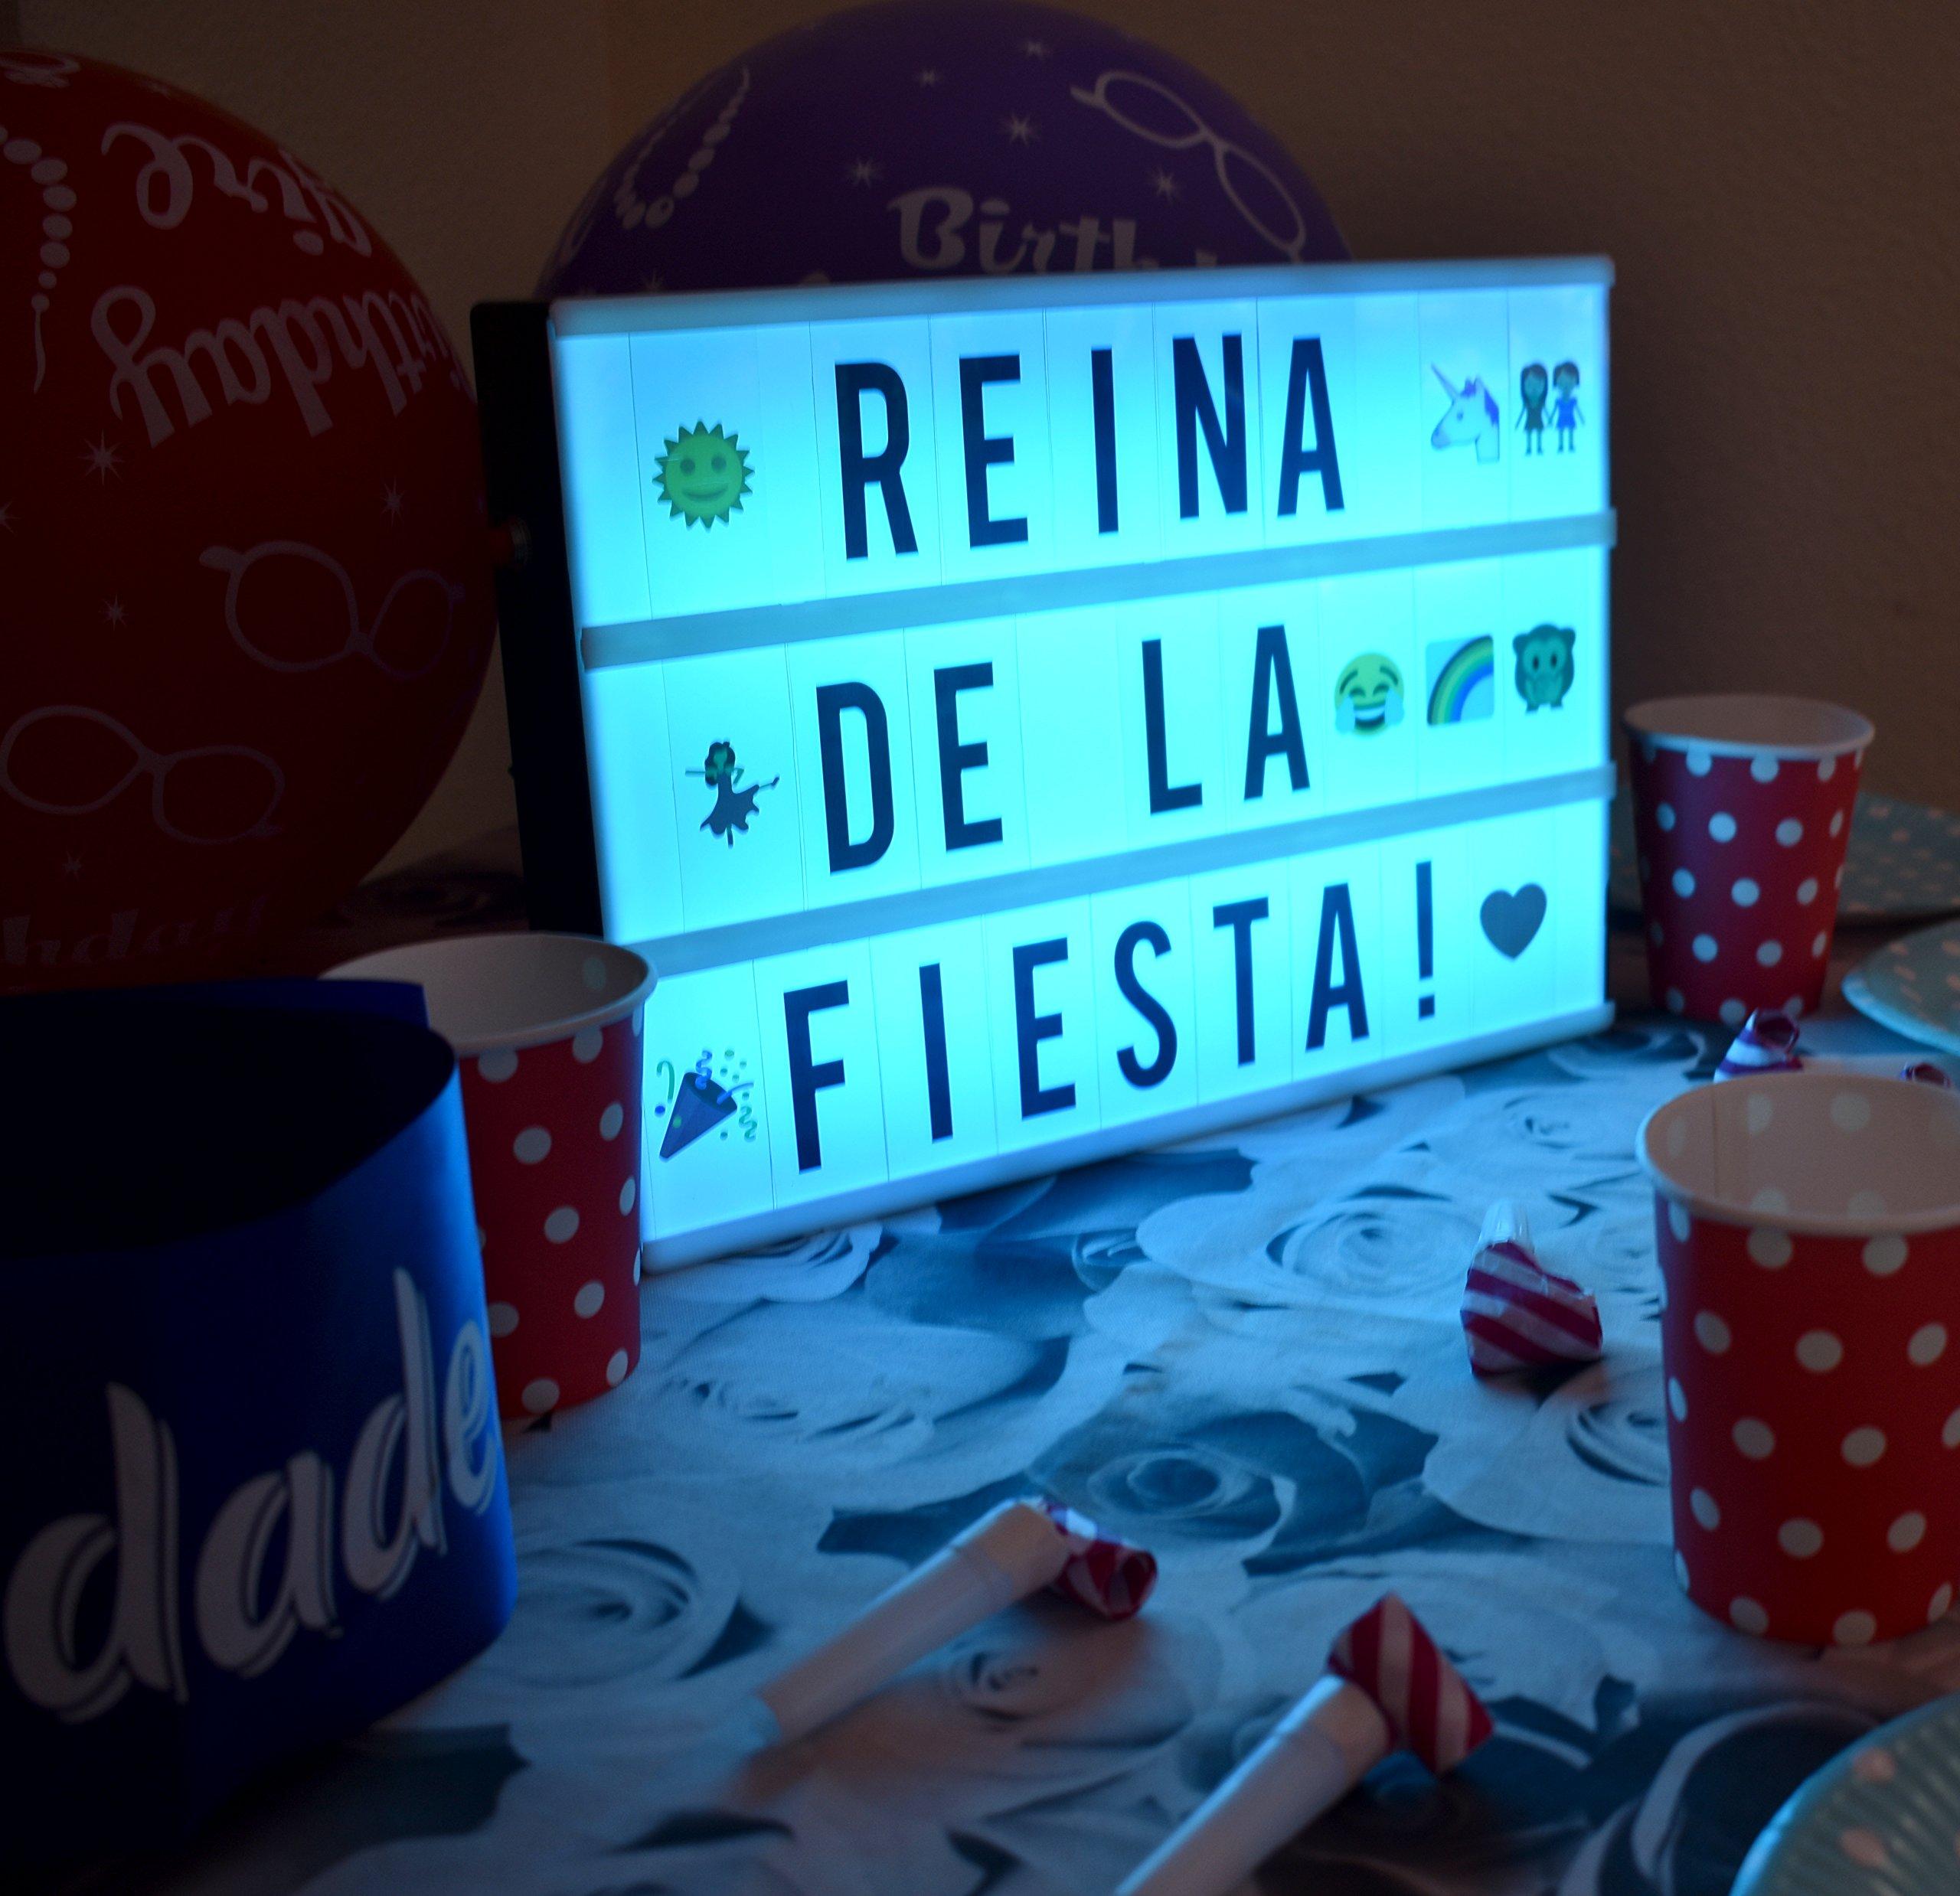 Objetos Hermosos. Caja de luz con letras (A4 LED Caja de Cine Lightbox Caja luminosa) 181 letras, numeros, y emojis (coloridos) y 1,5m USB, ideal para celebrar ocasiones especiales..(Multi-color): Amazon.es: Iluminación